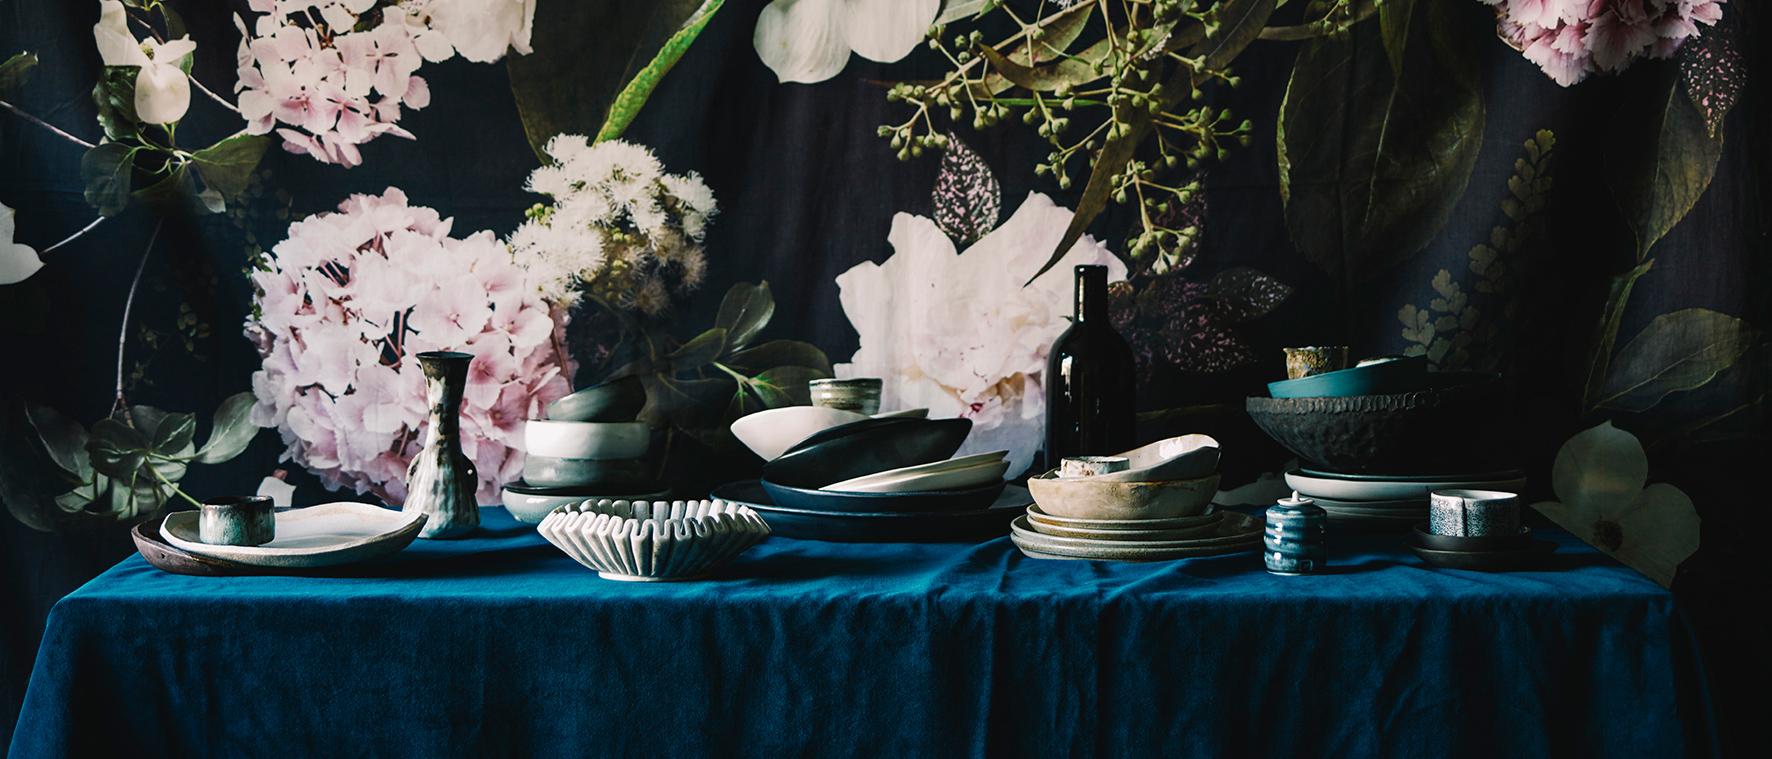 Blue Velvet: Heavenly Tabletop Vignettes By Claire Delmar